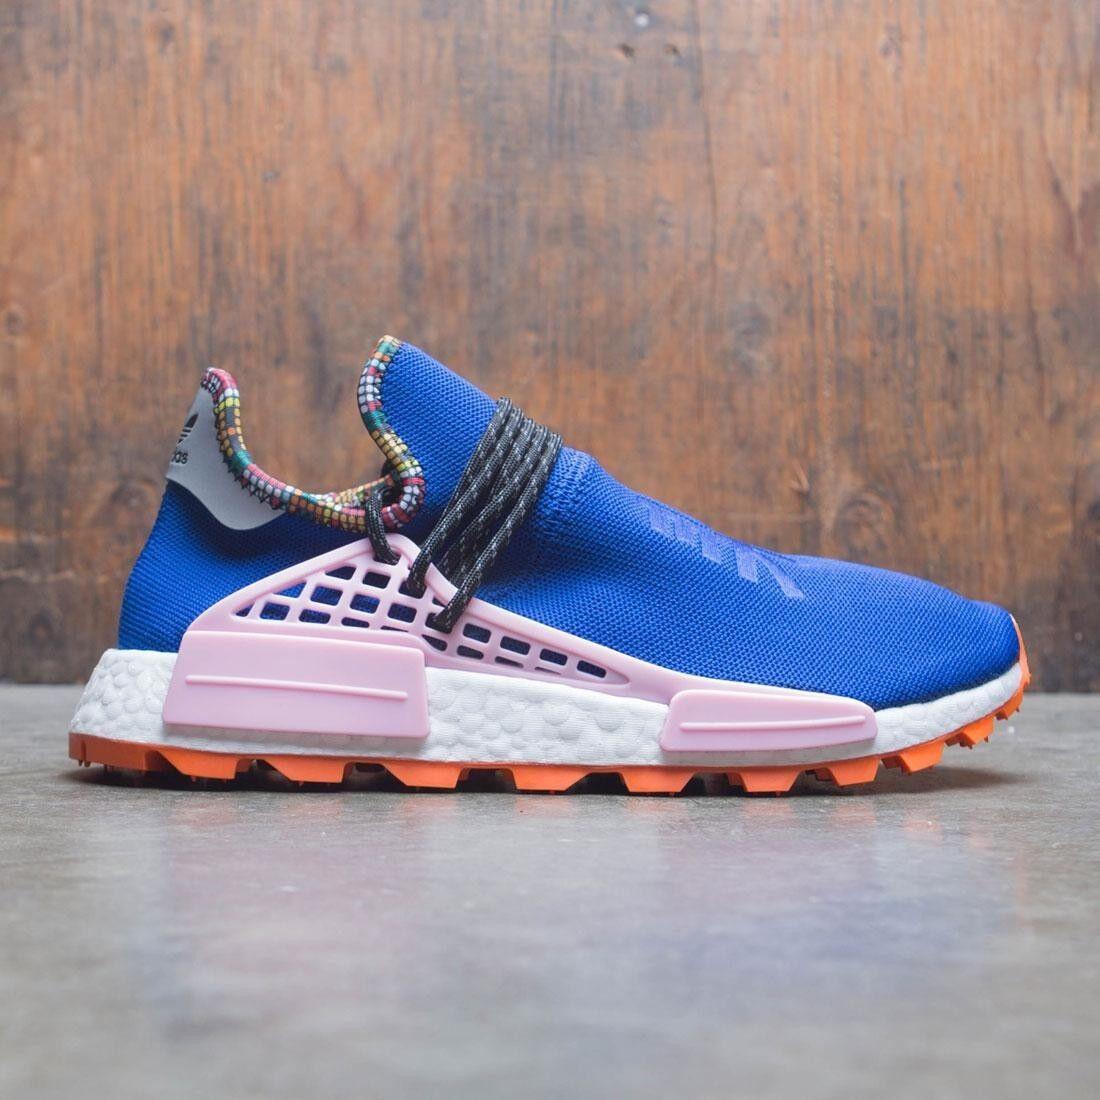 Adidas NMD Hu Pharrell Inspiration bluee Pink orange Size 14. EE7579 yeezy pk